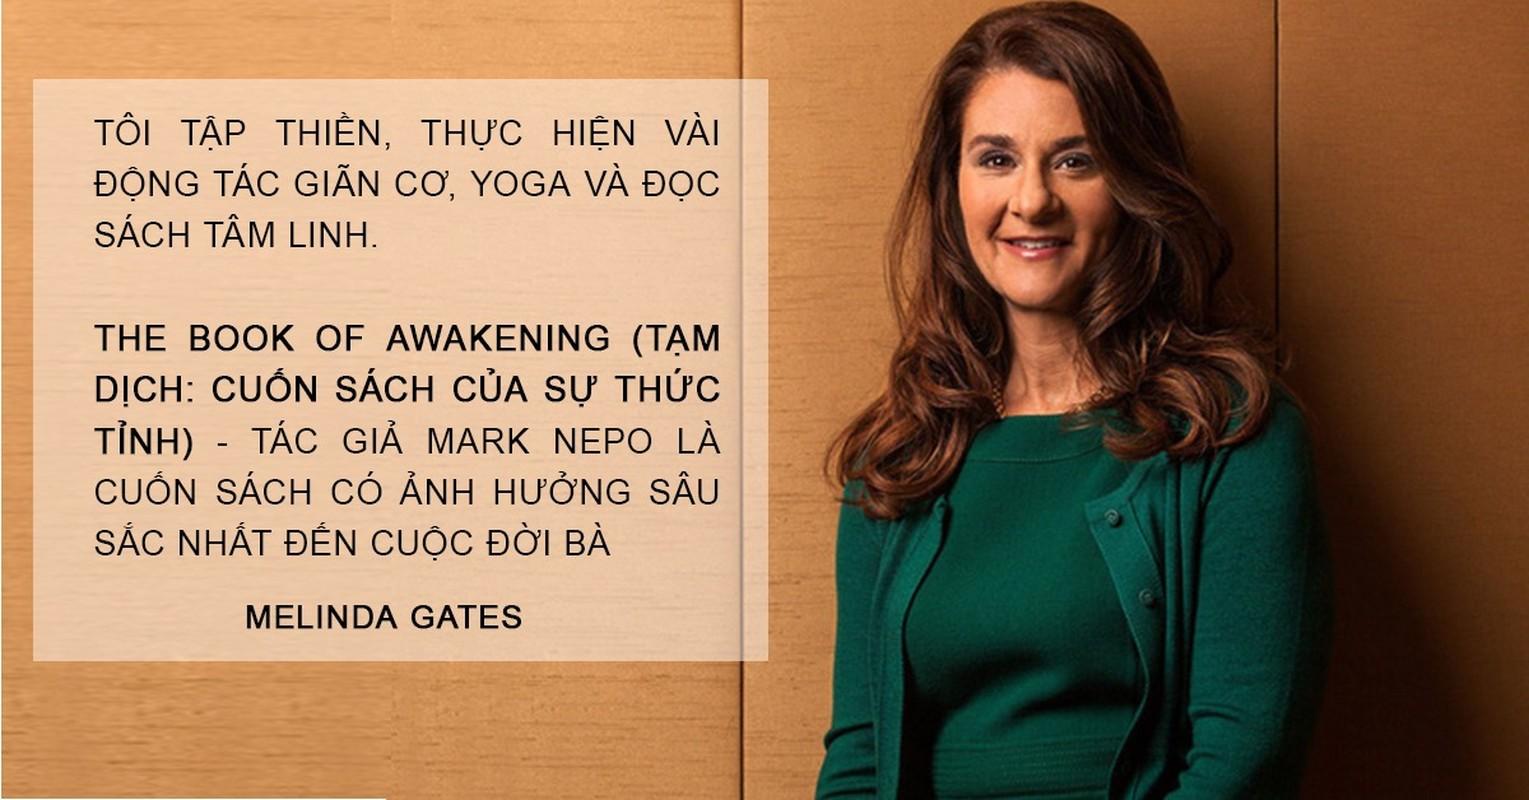 Nhung cuon sach yeu thich cua vo chong ty phu Bill Gates-Hinh-9